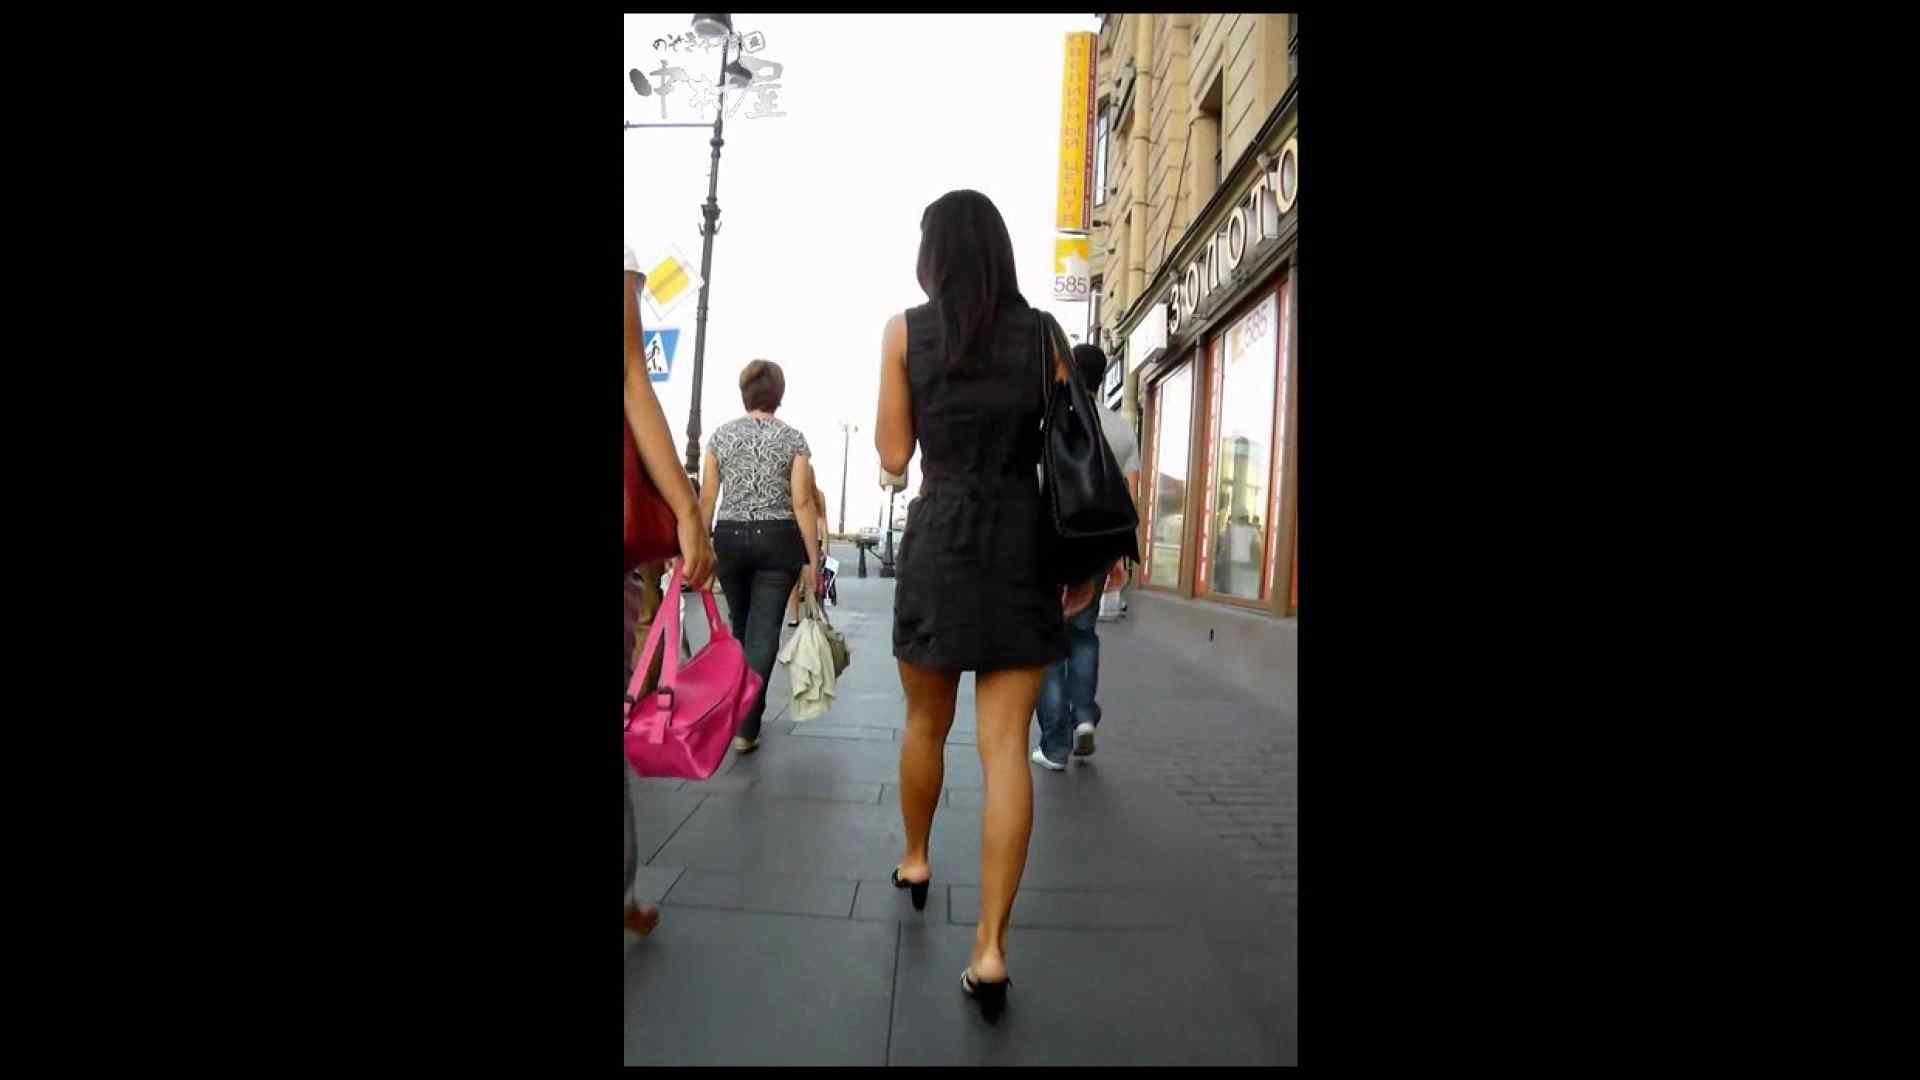 綺麗なモデルさんのスカート捲っちゃおう‼ vol30 0  105pic 32